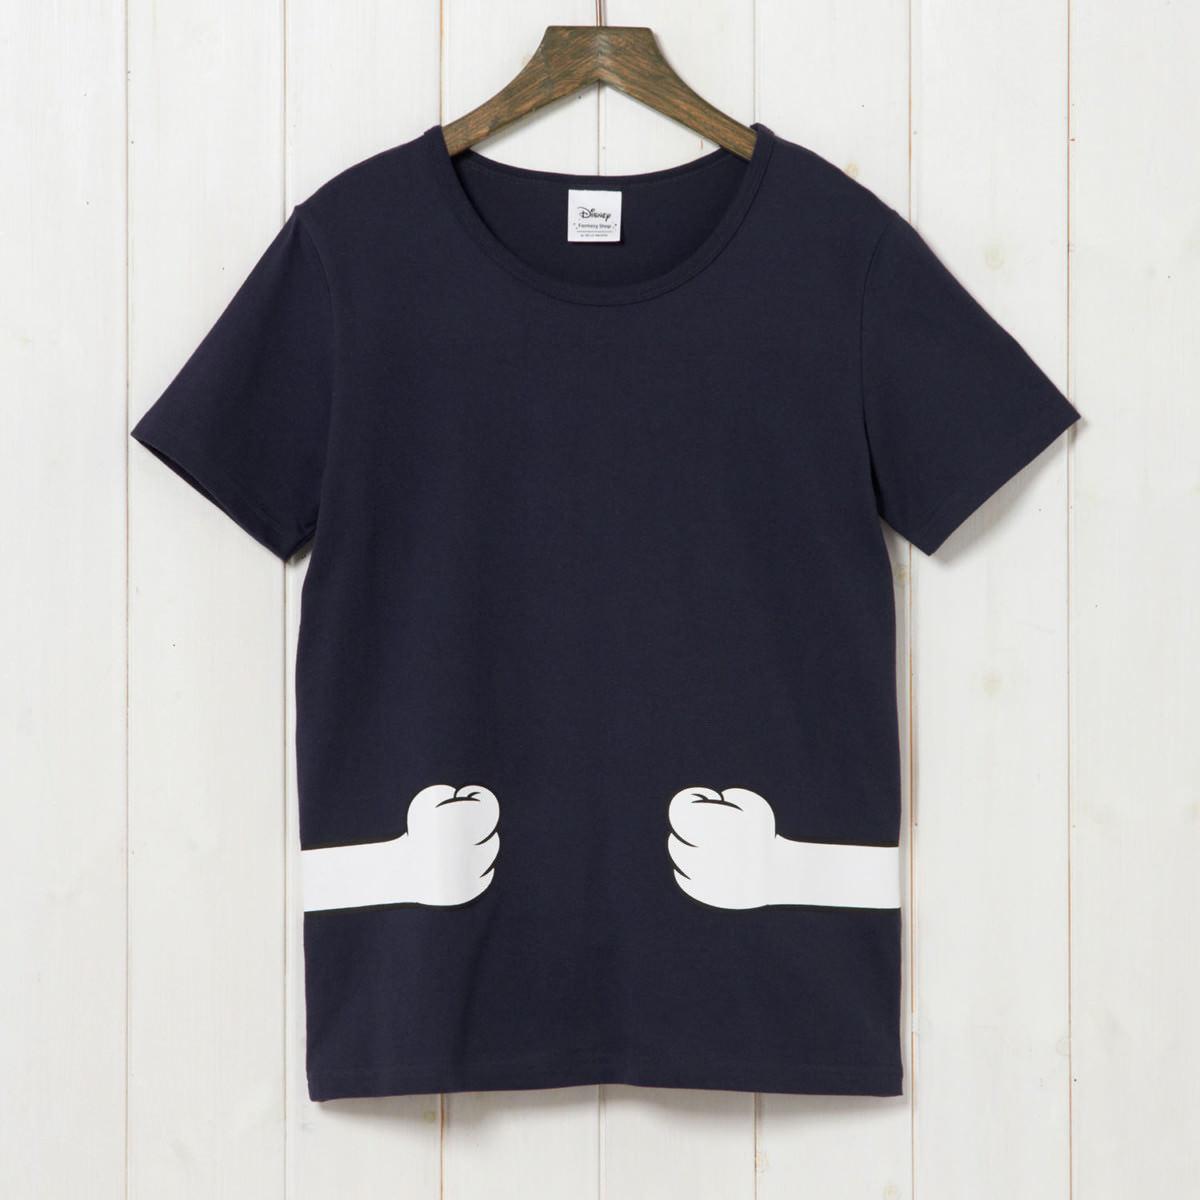 つながるプリントTシャツ ドナルド アロハ